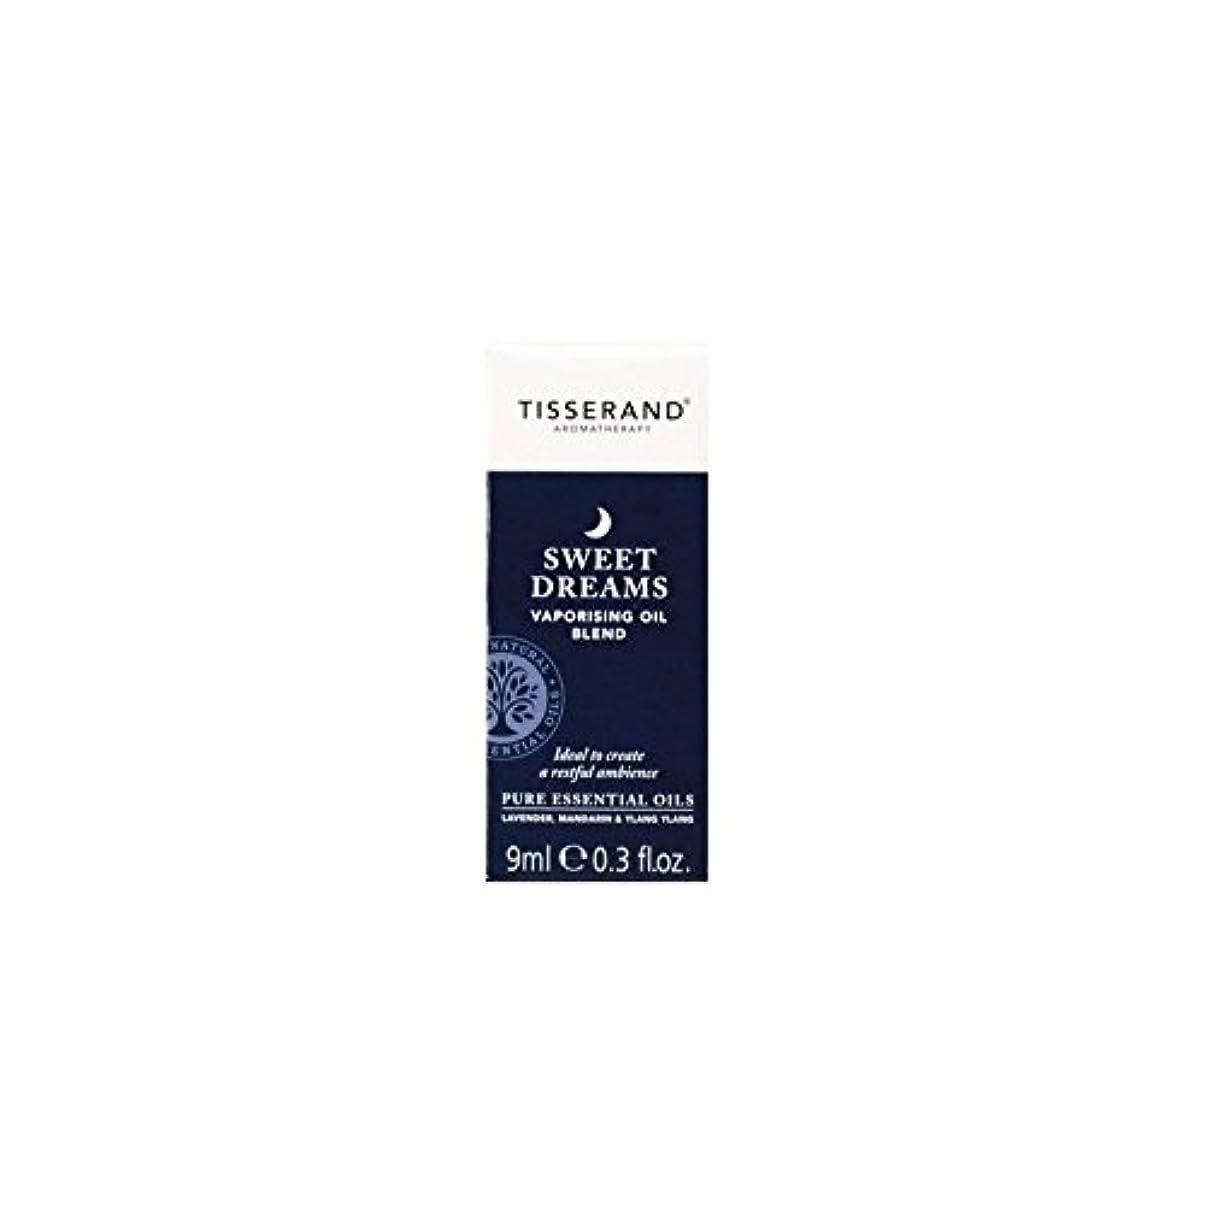 バンドル細胞根拠オイル9ミリリットルを気化甘い夢 (Tisserand) (x 4) - Tisserand Sweet Dreams Vaporising Oil 9ml (Pack of 4) [並行輸入品]